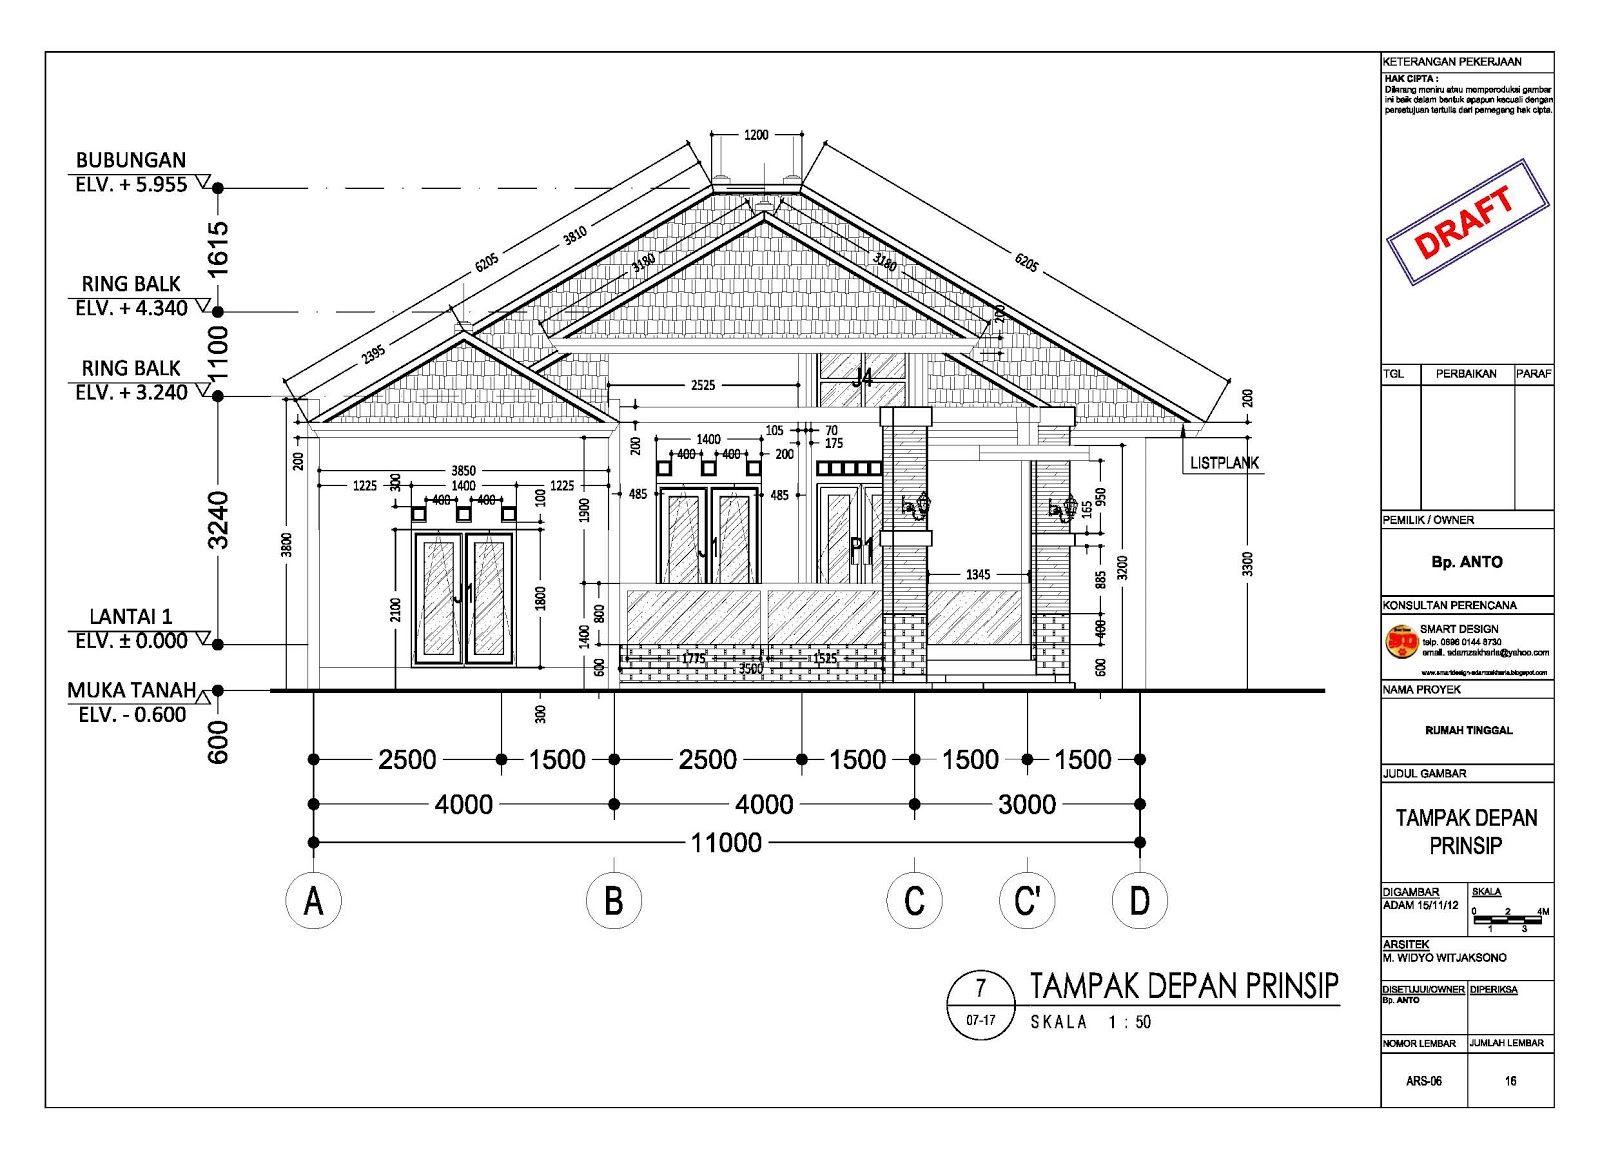 Gambar Kerja Proyek Rumah 7 Arsitektur Arsitektur Perumahan Denah Rumah